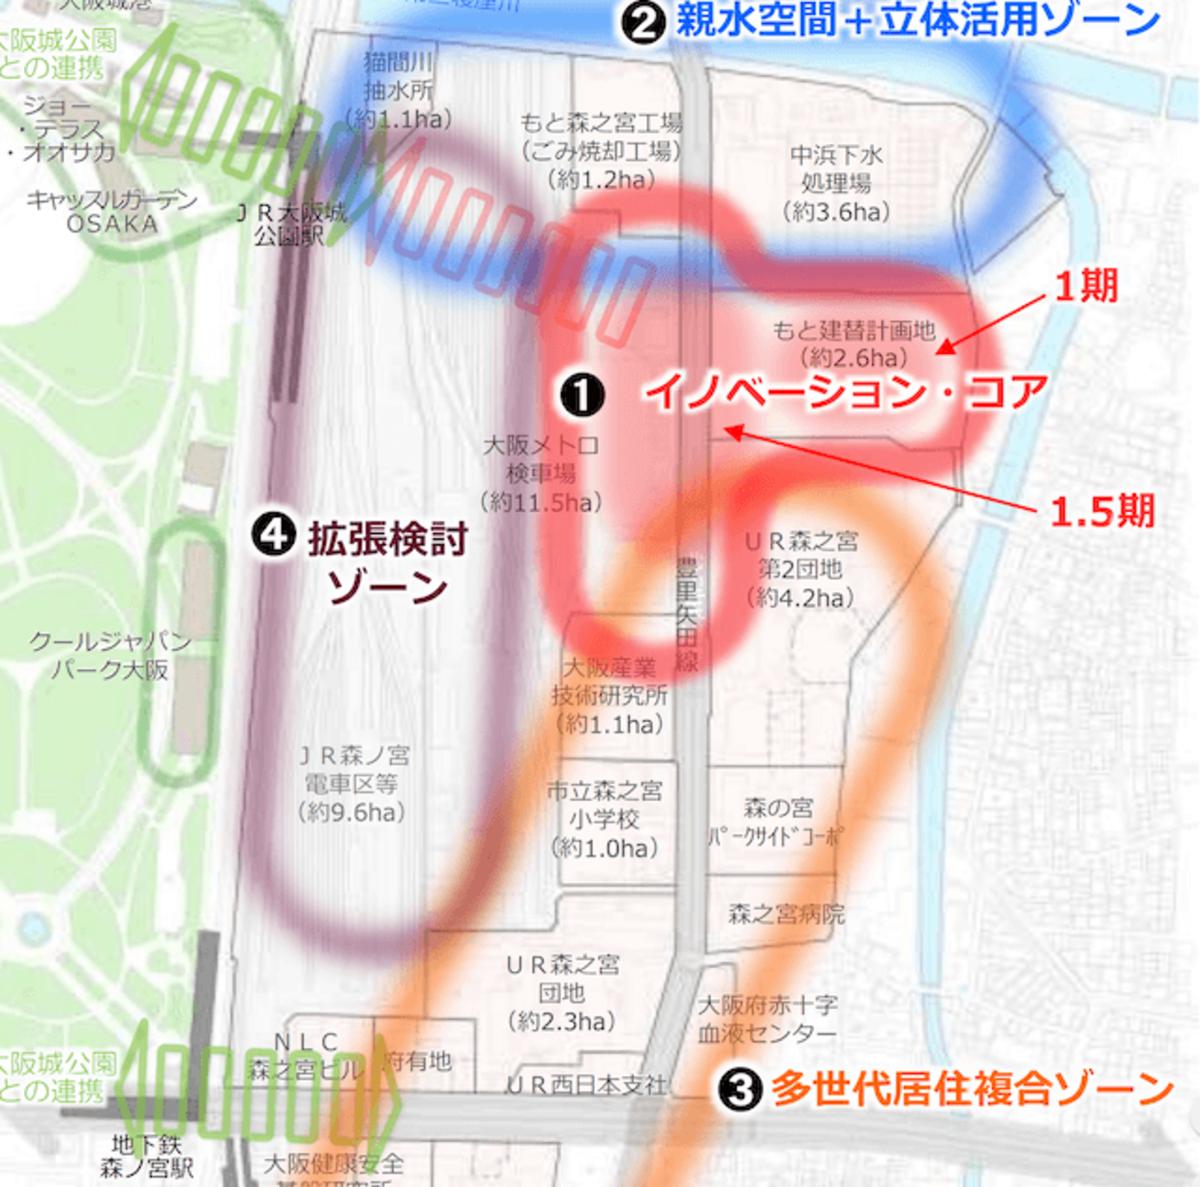 大阪市が公開する、土地利用と基盤整備計画(出典:大阪市)